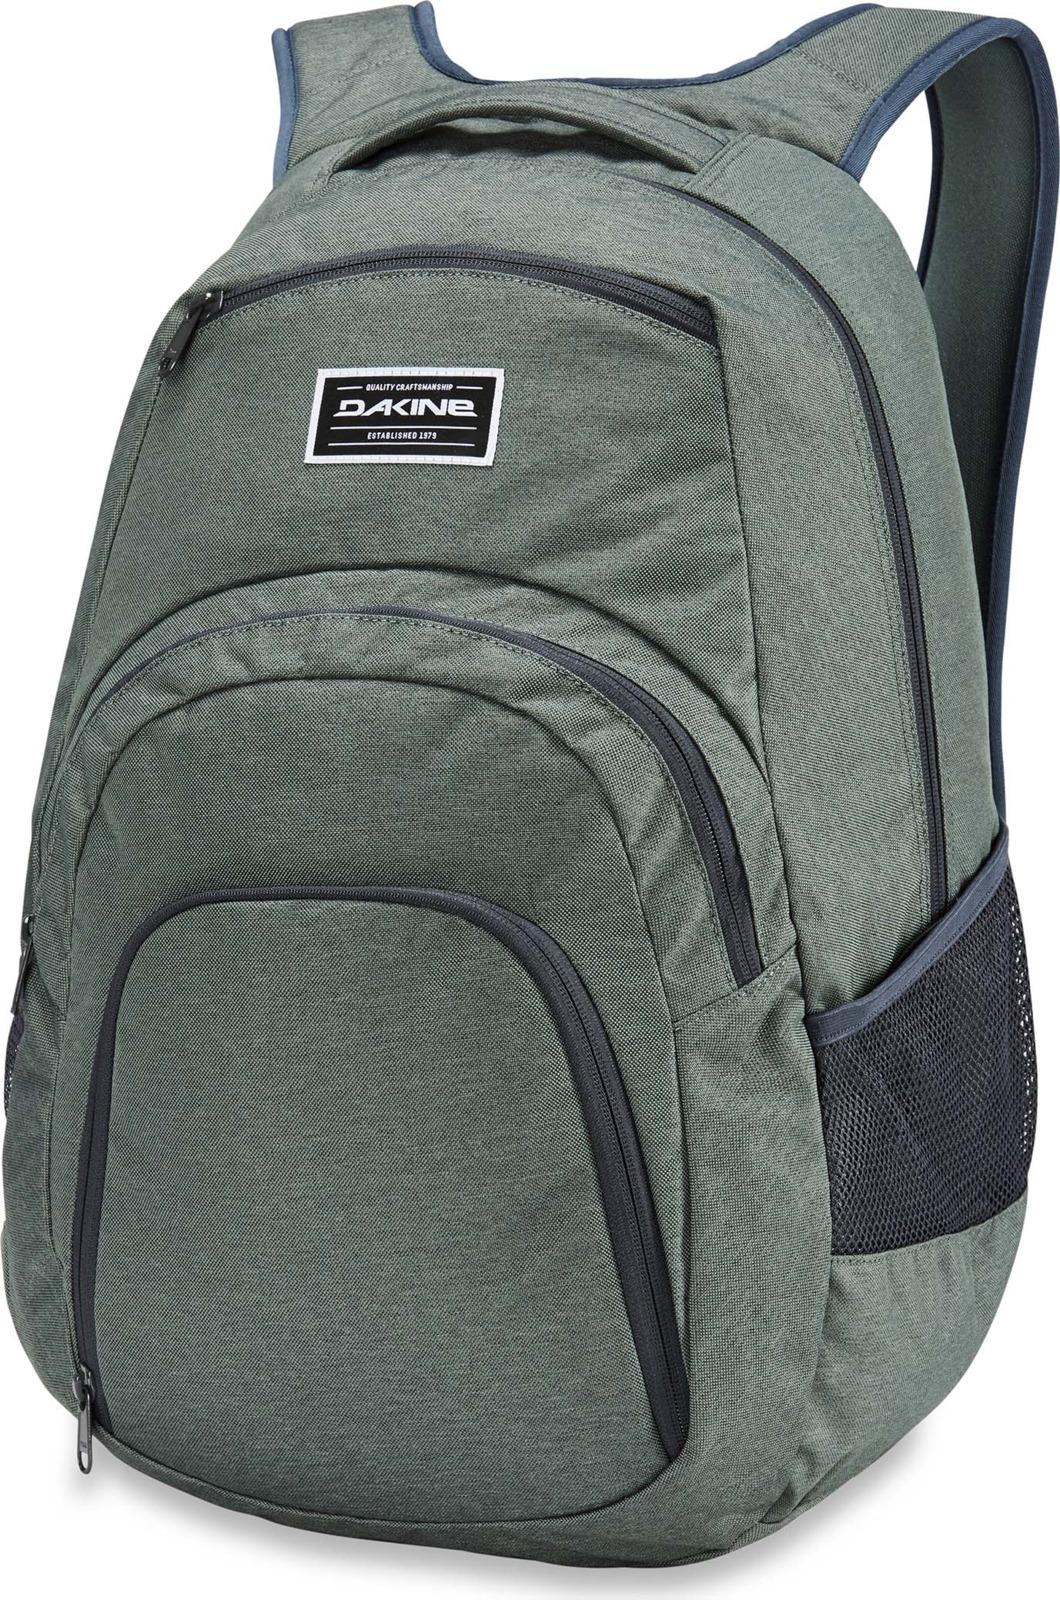 Рюкзак Dakine Campus, цвет: серо-зеленый, 33 л oiwas ноутбук рюкзак мода случайные